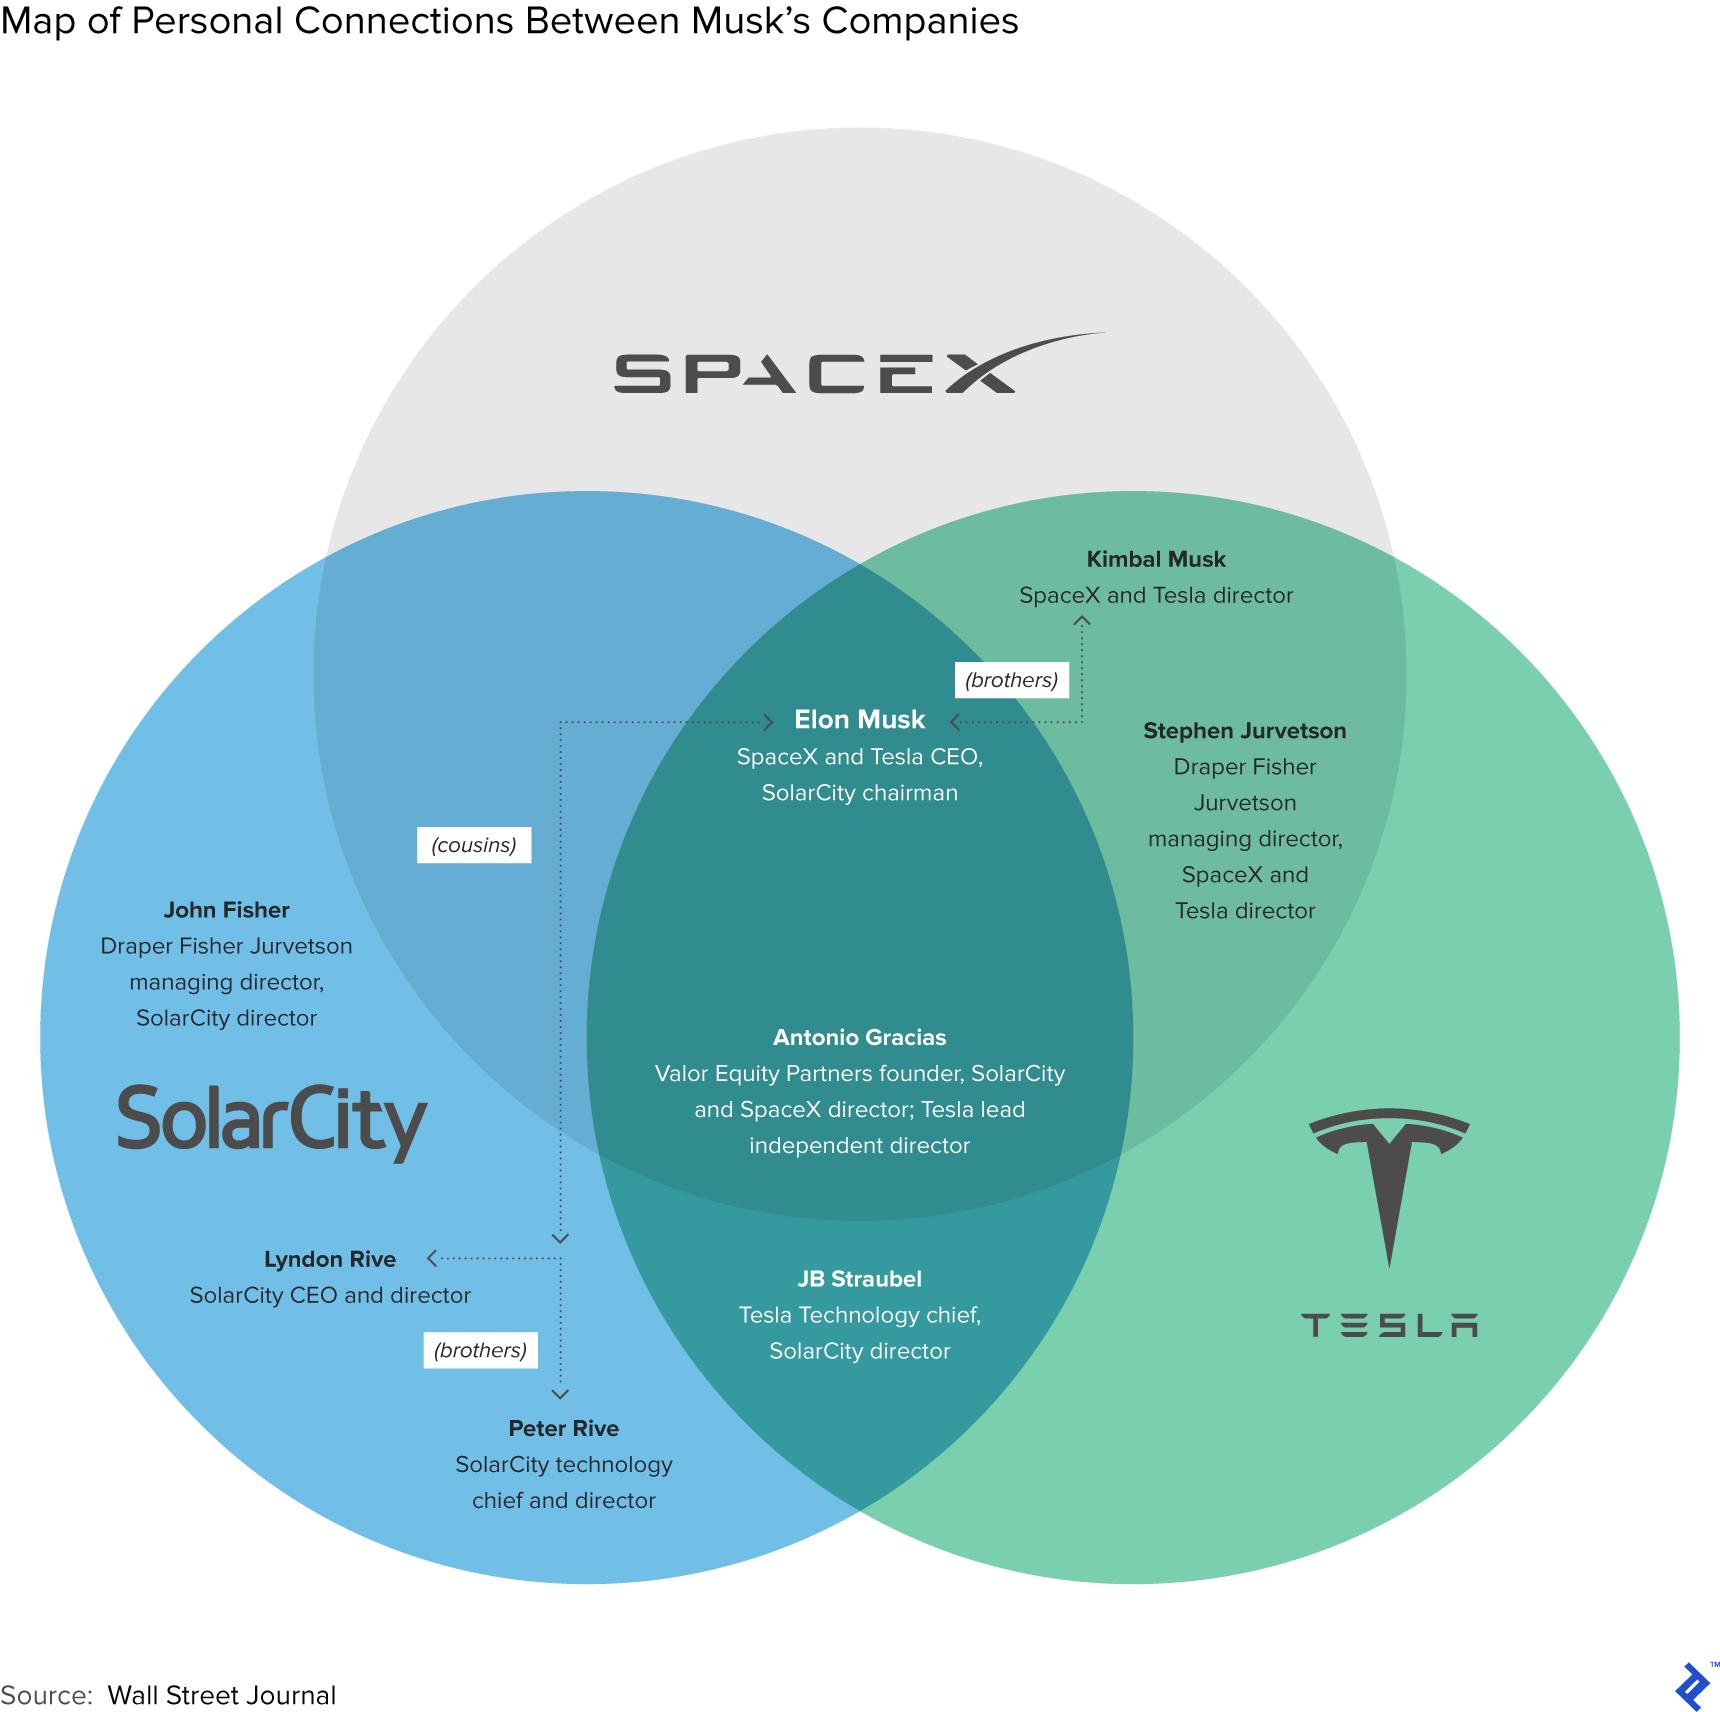 imageКарта личных связей между компаниями Маска